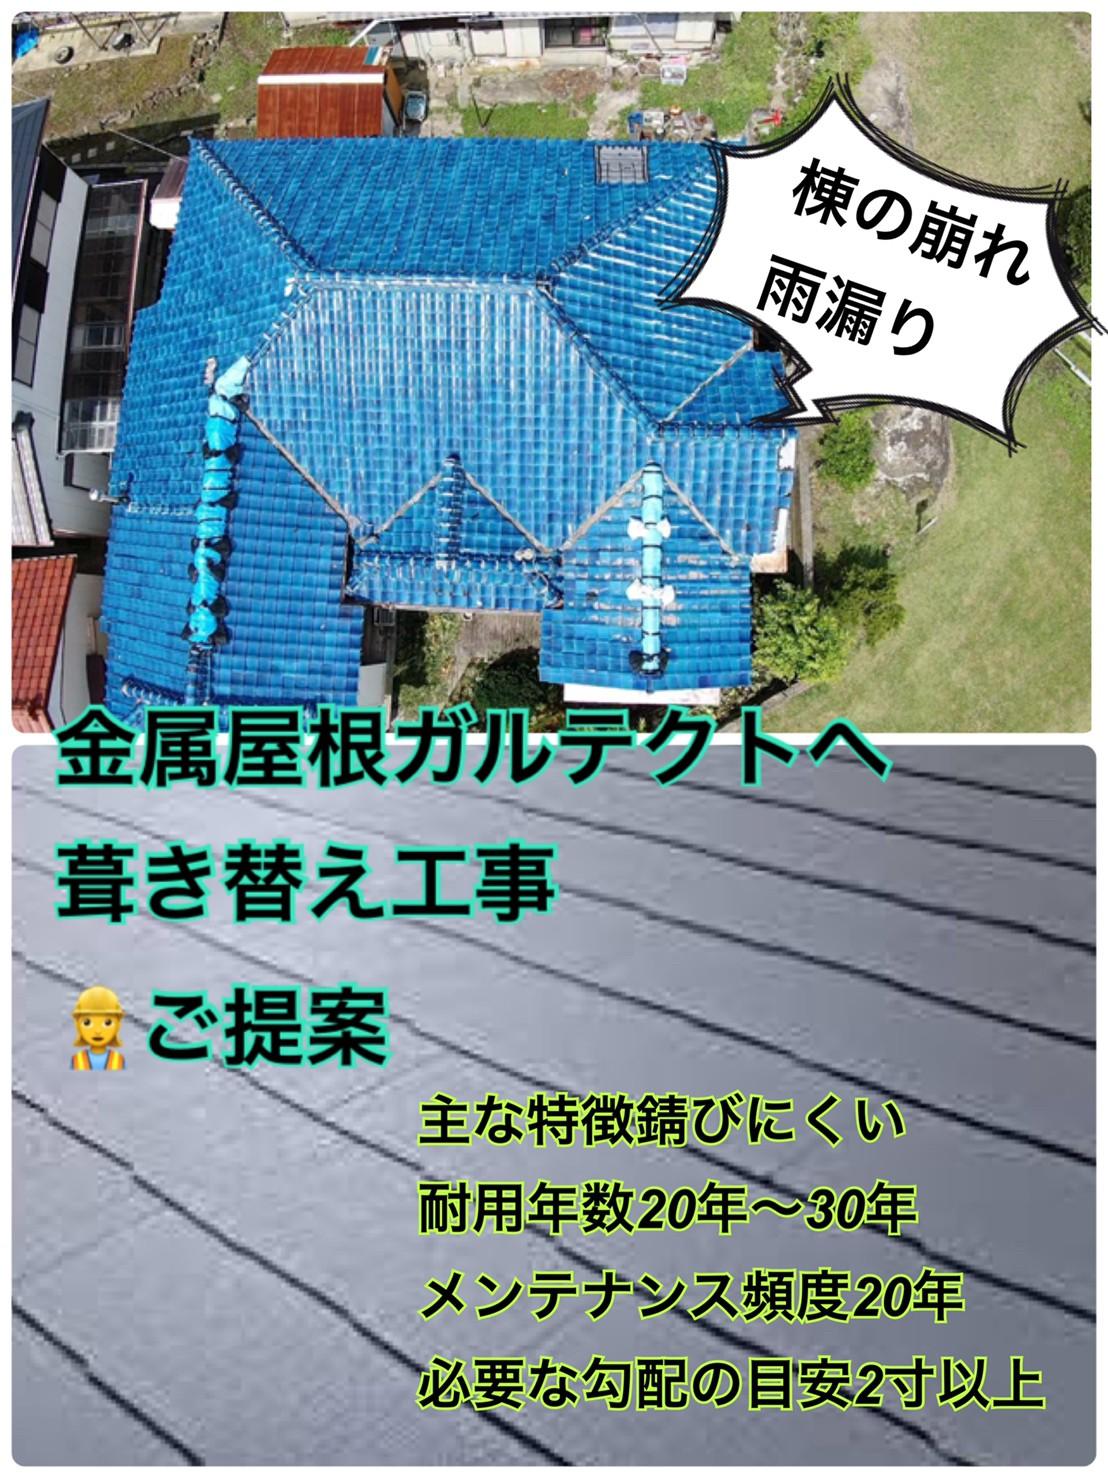 屋根葺き替え工事🏡瓦屋根からガルテクトへ✨